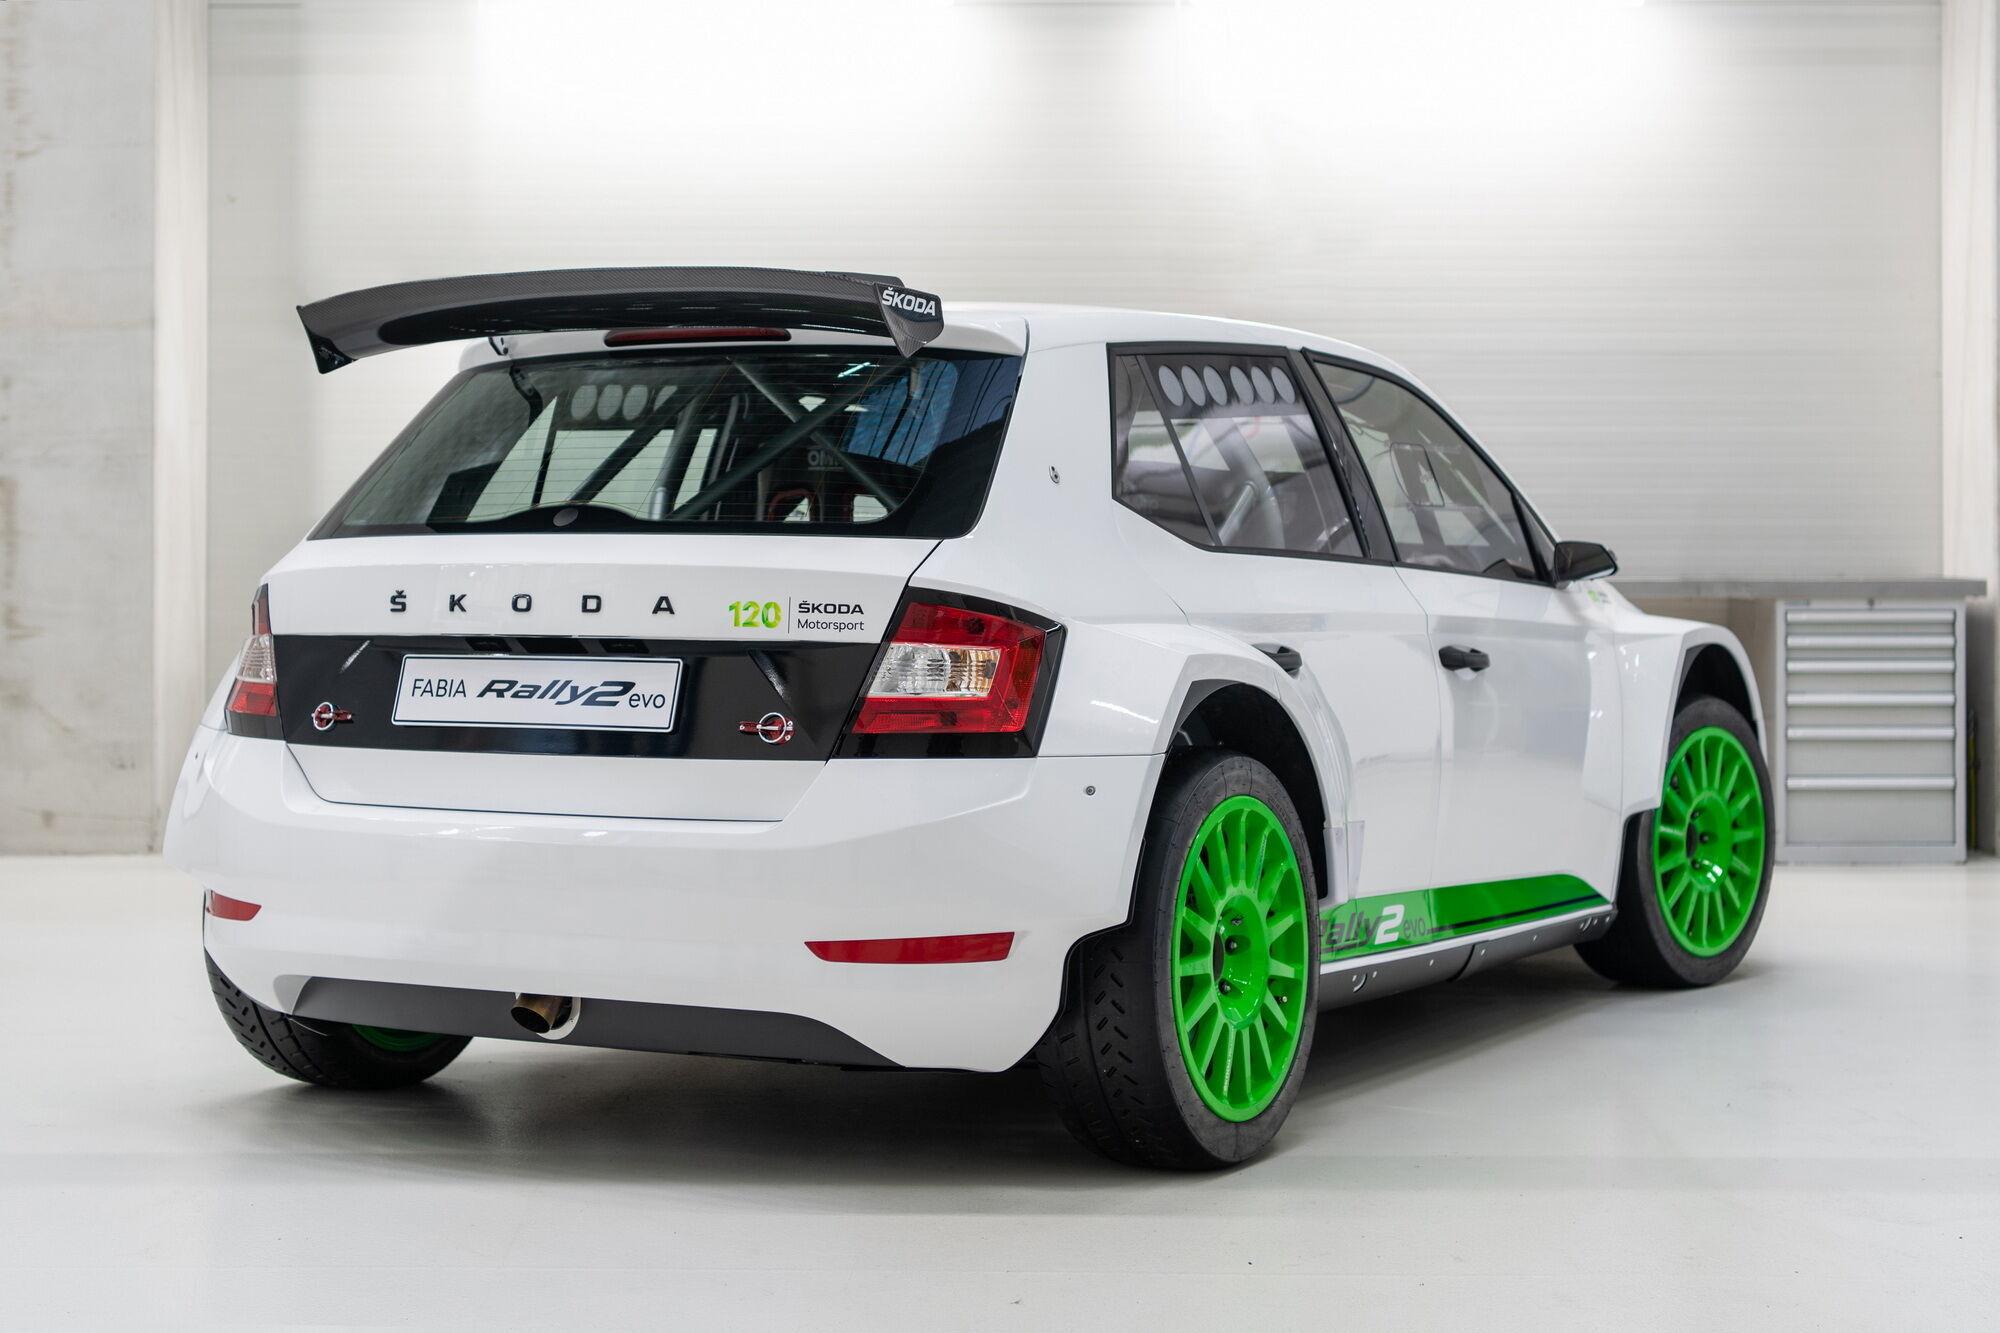 Подразделение Skoda Motorsport изготовит всего 12 экземпляров модели Fabia Rally2 Evo Edition 120 Rally Car